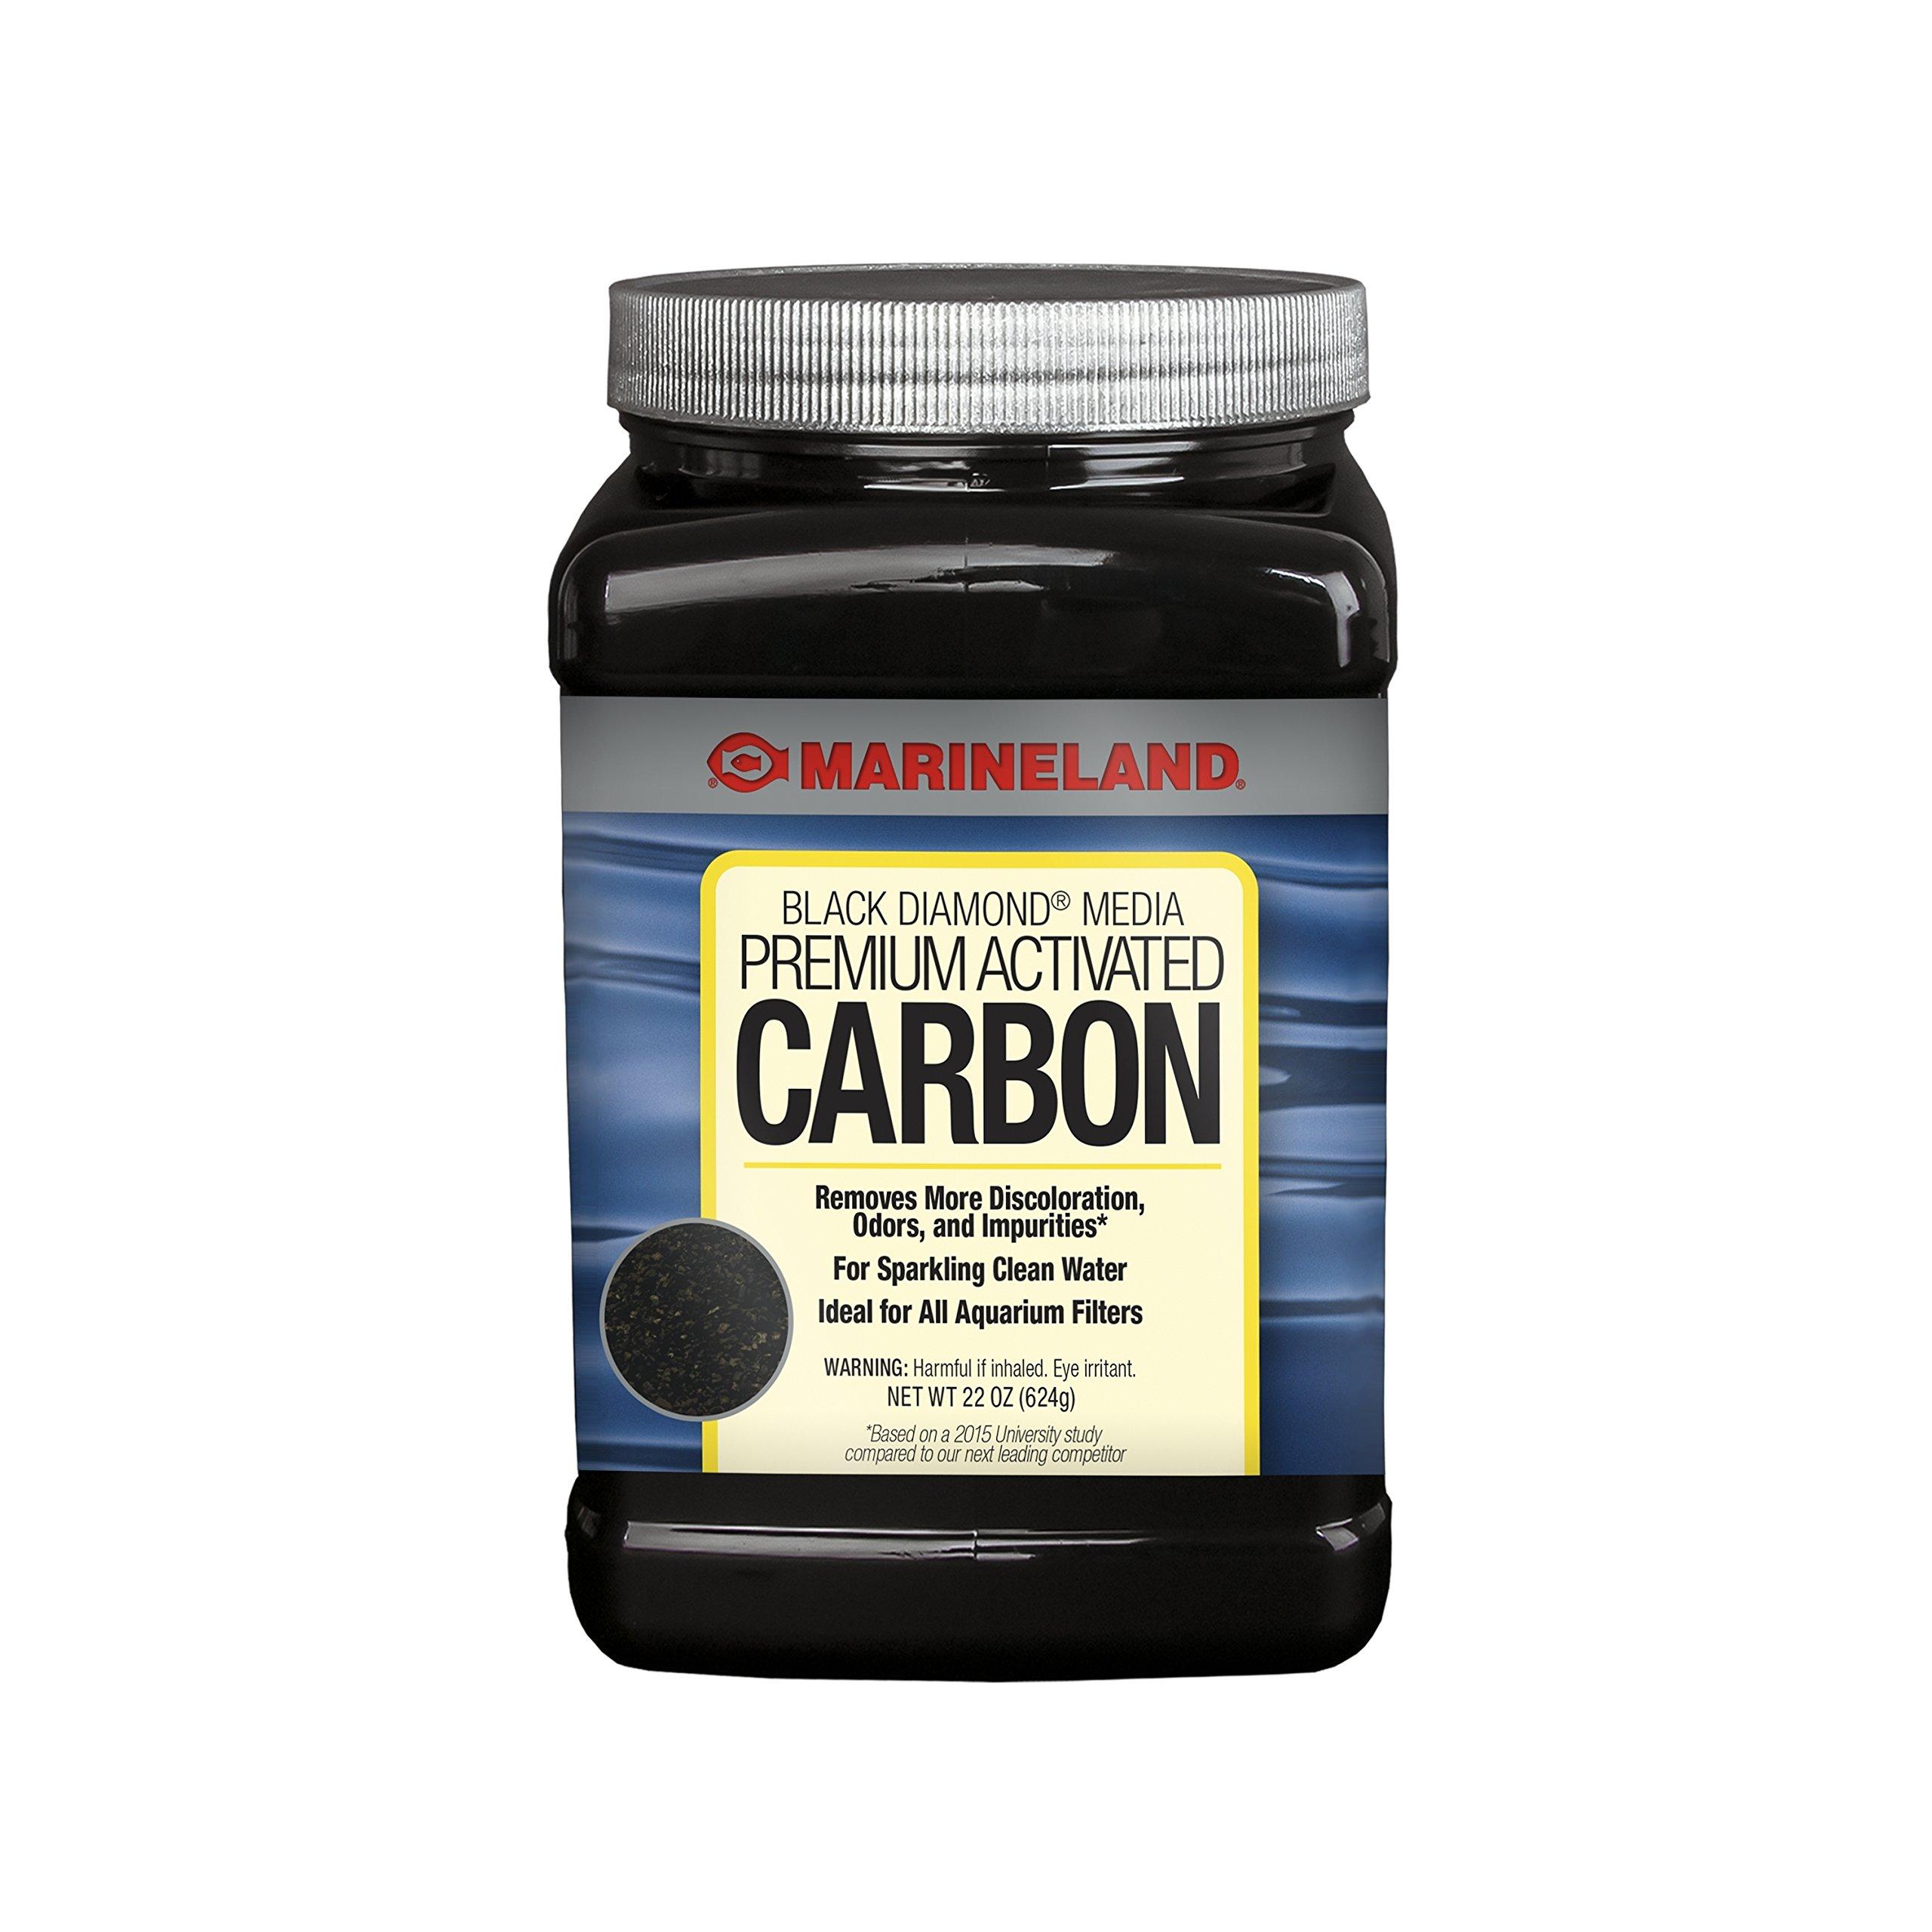 Marineland Black Diamond Premium Activated Carbon 22 Ounces, Filter Media For aquariums